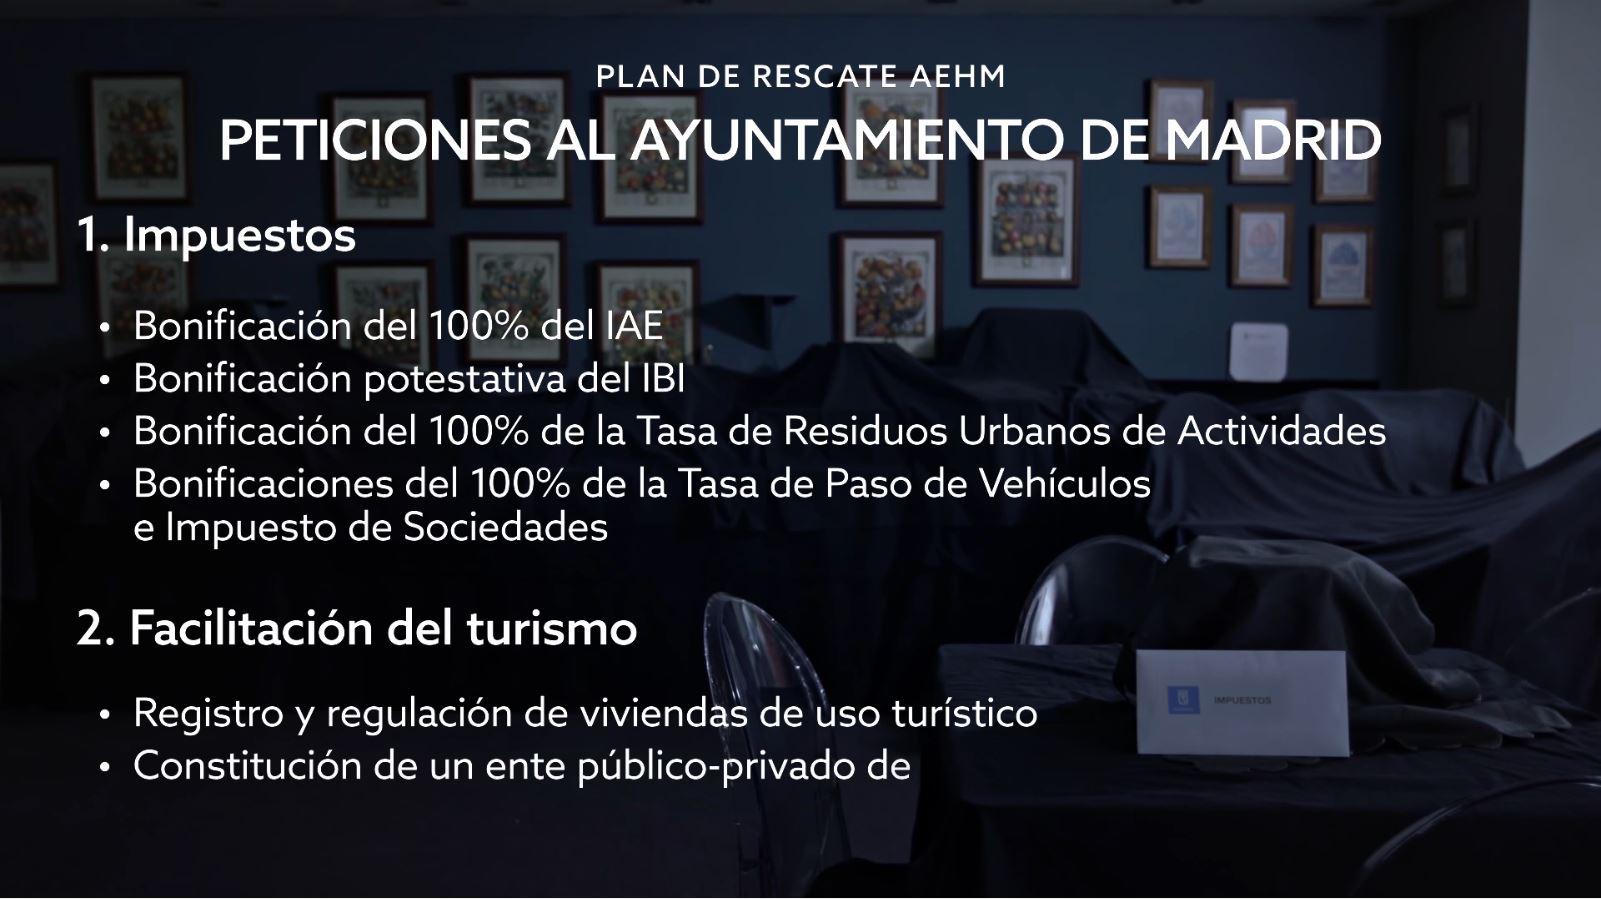 Peticiones al Ayuntamiento de Madrid